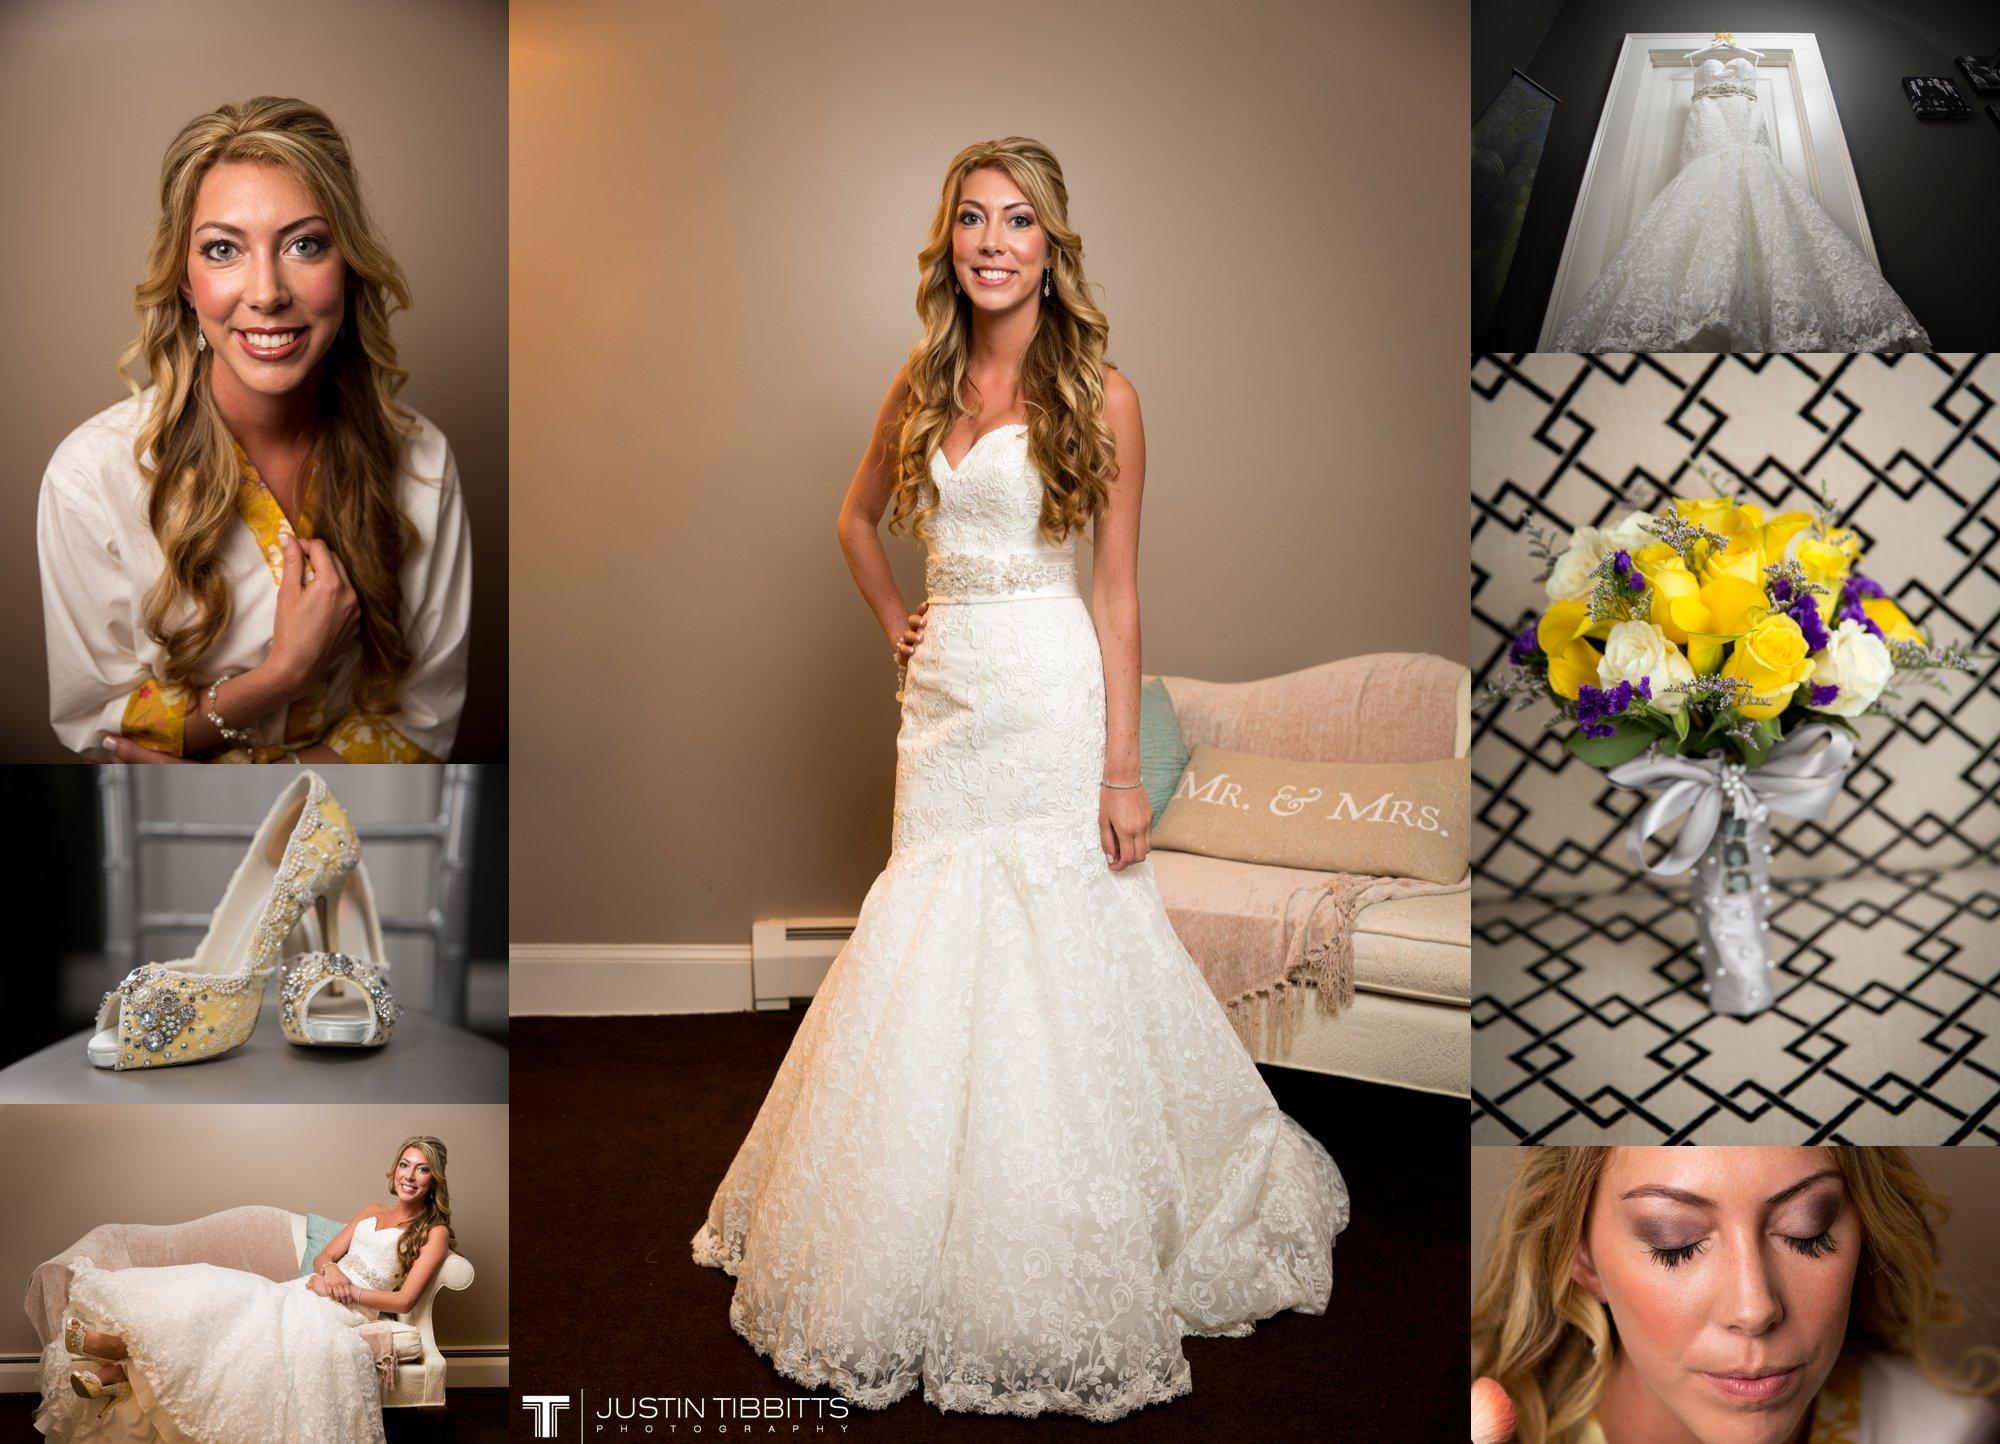 Albany NY Wedding Photographer Justin Tibbitts Photography 2014 Best of Albany NY Weddings-13249